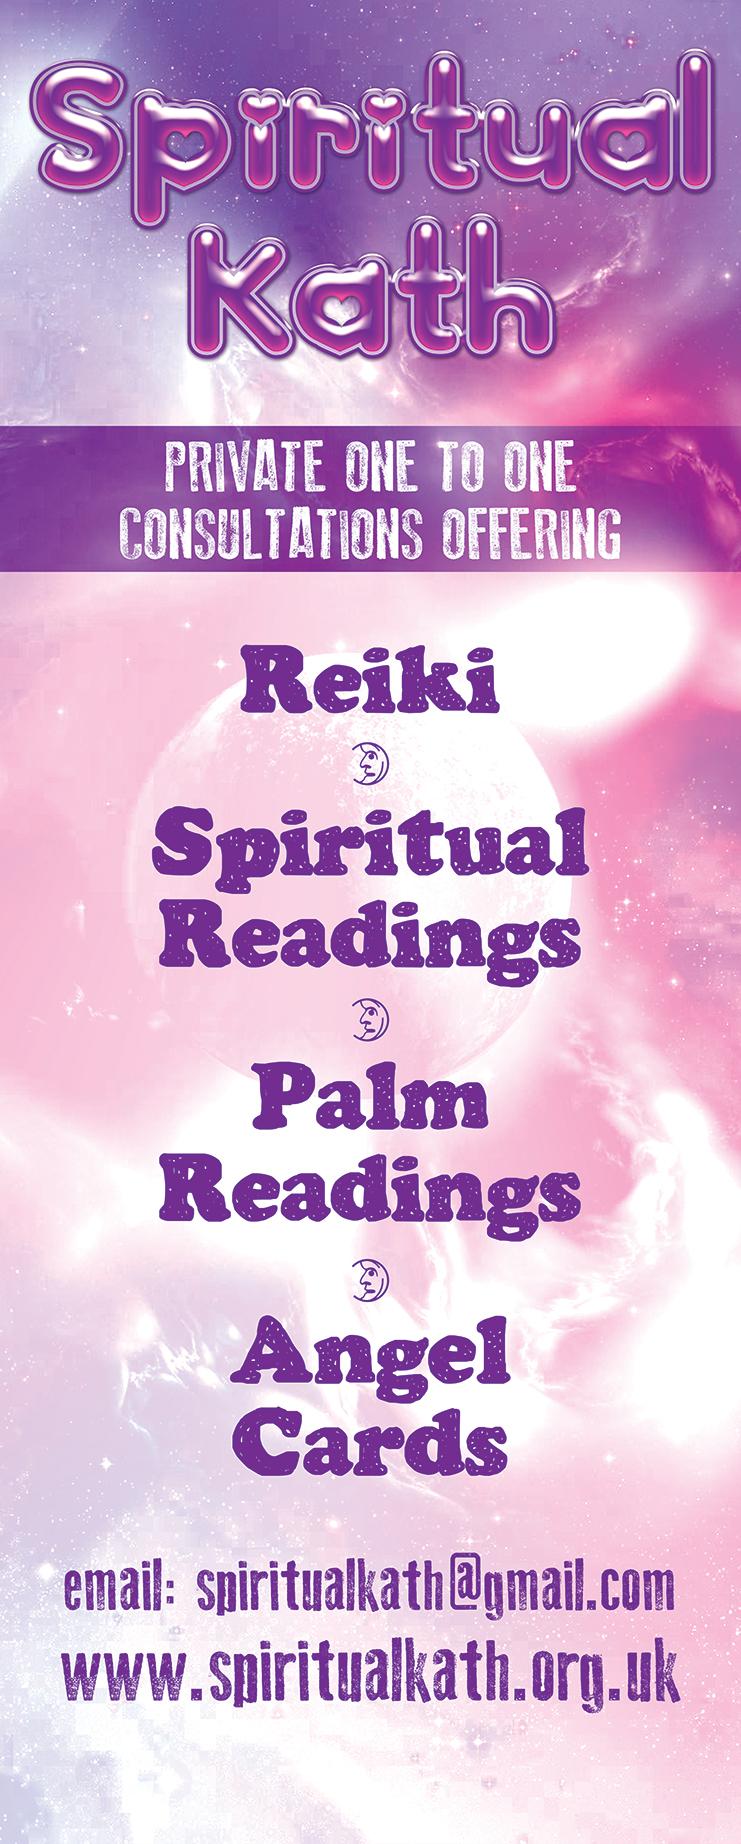 Spiritual-Kath-6ft-Banner-full